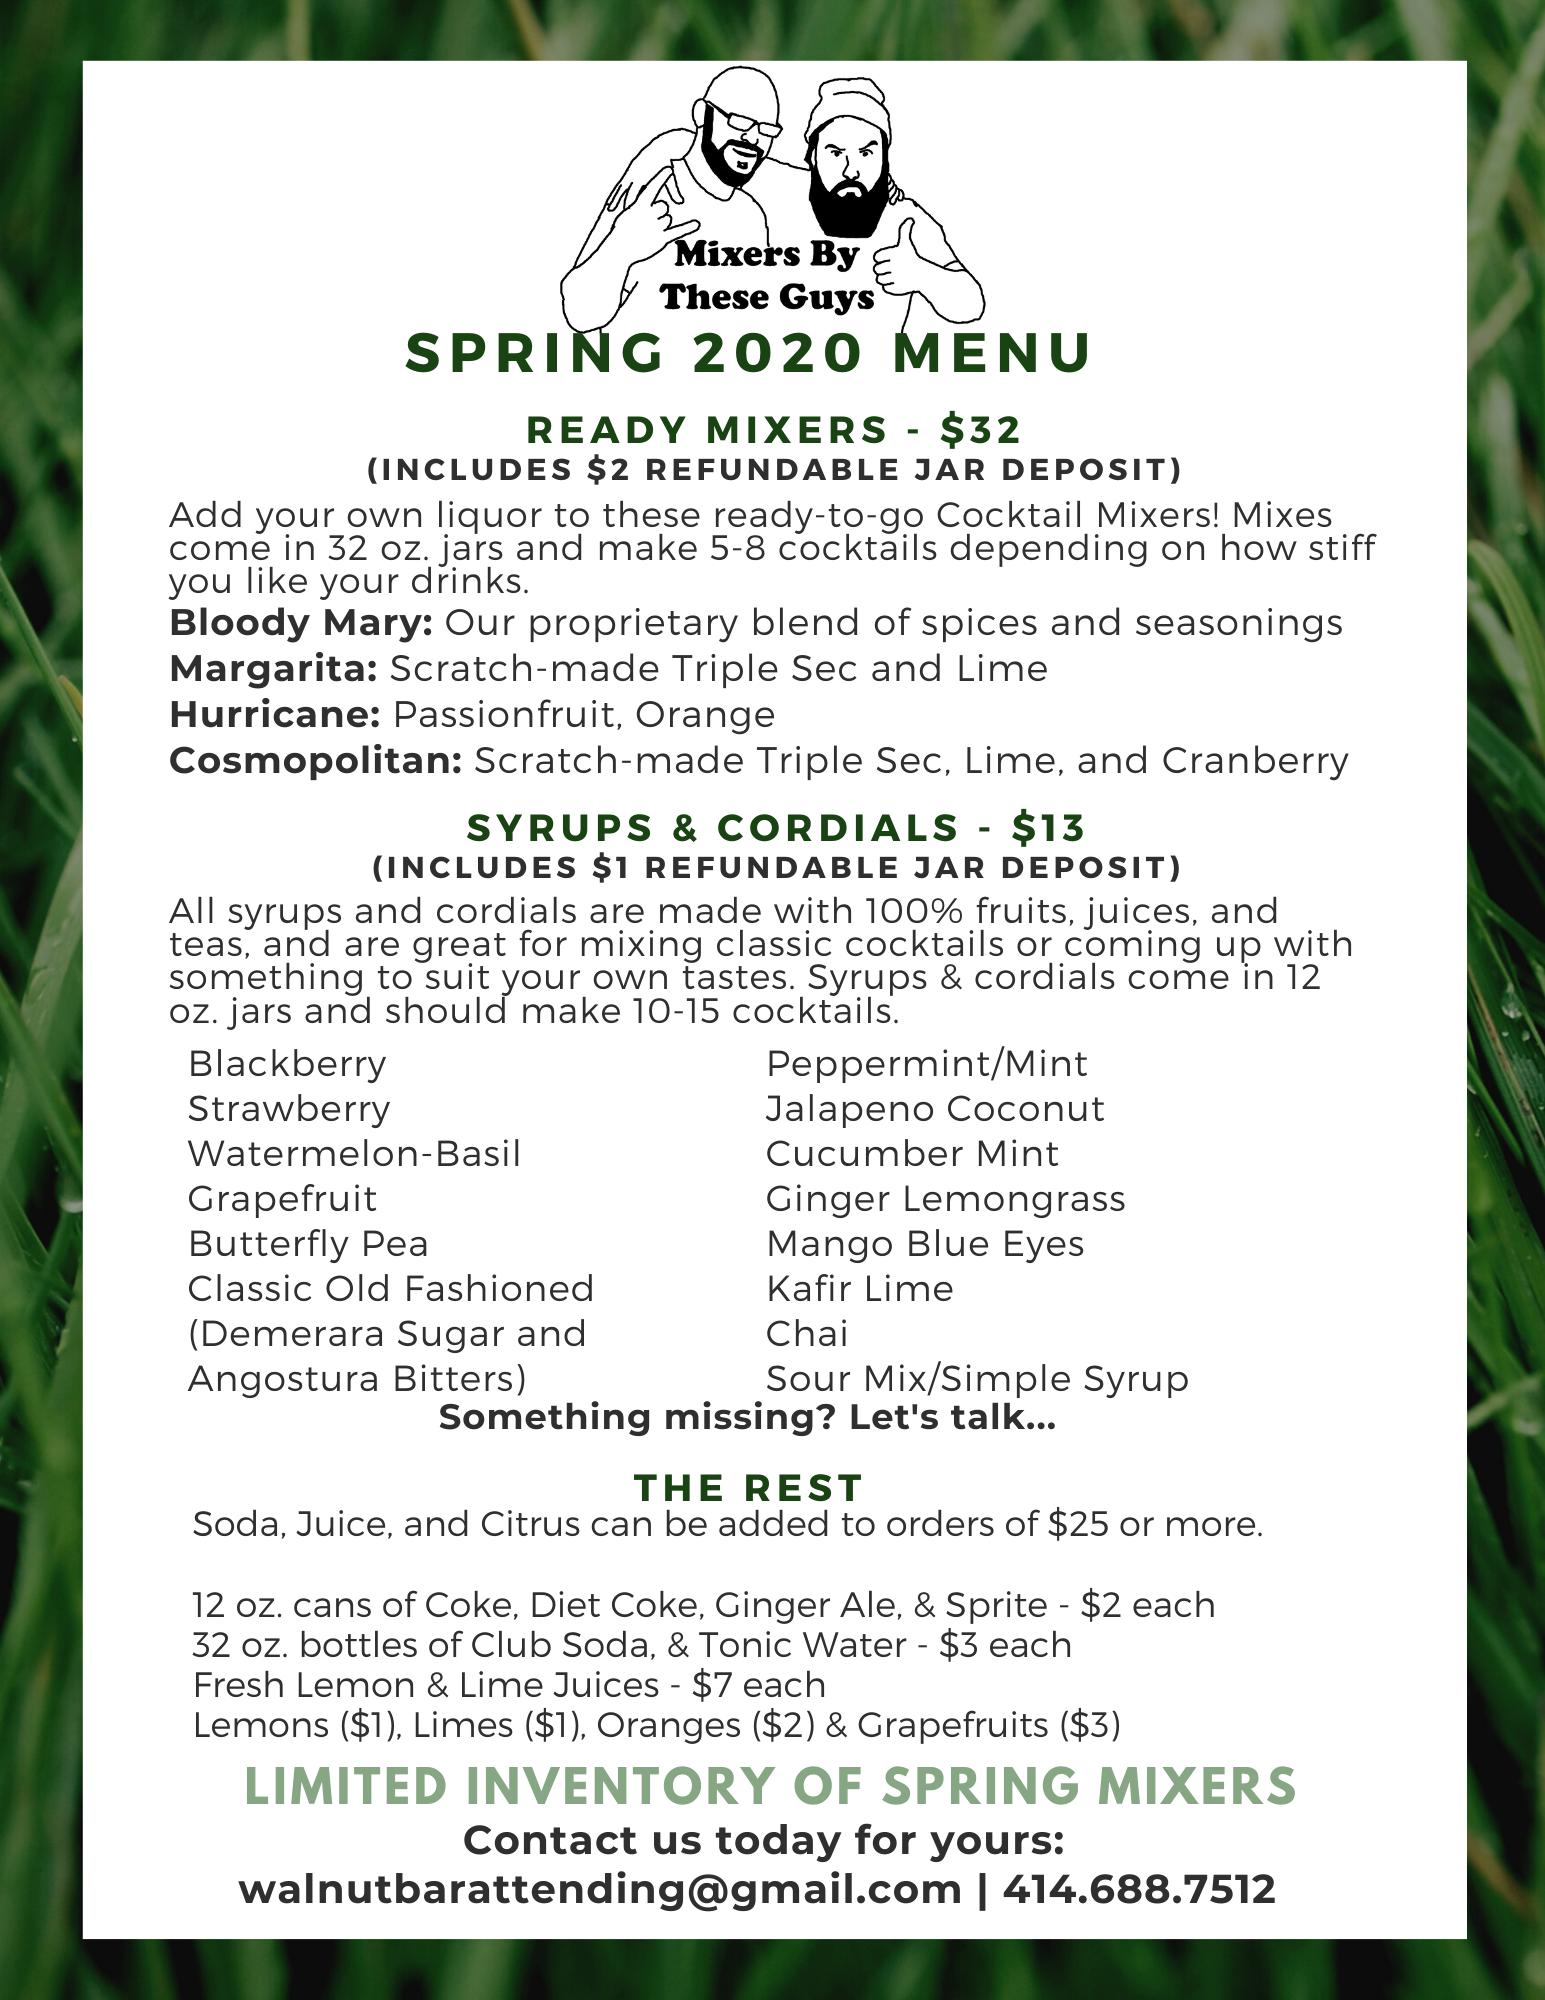 MBTG_Spring_2020_Menu (1)